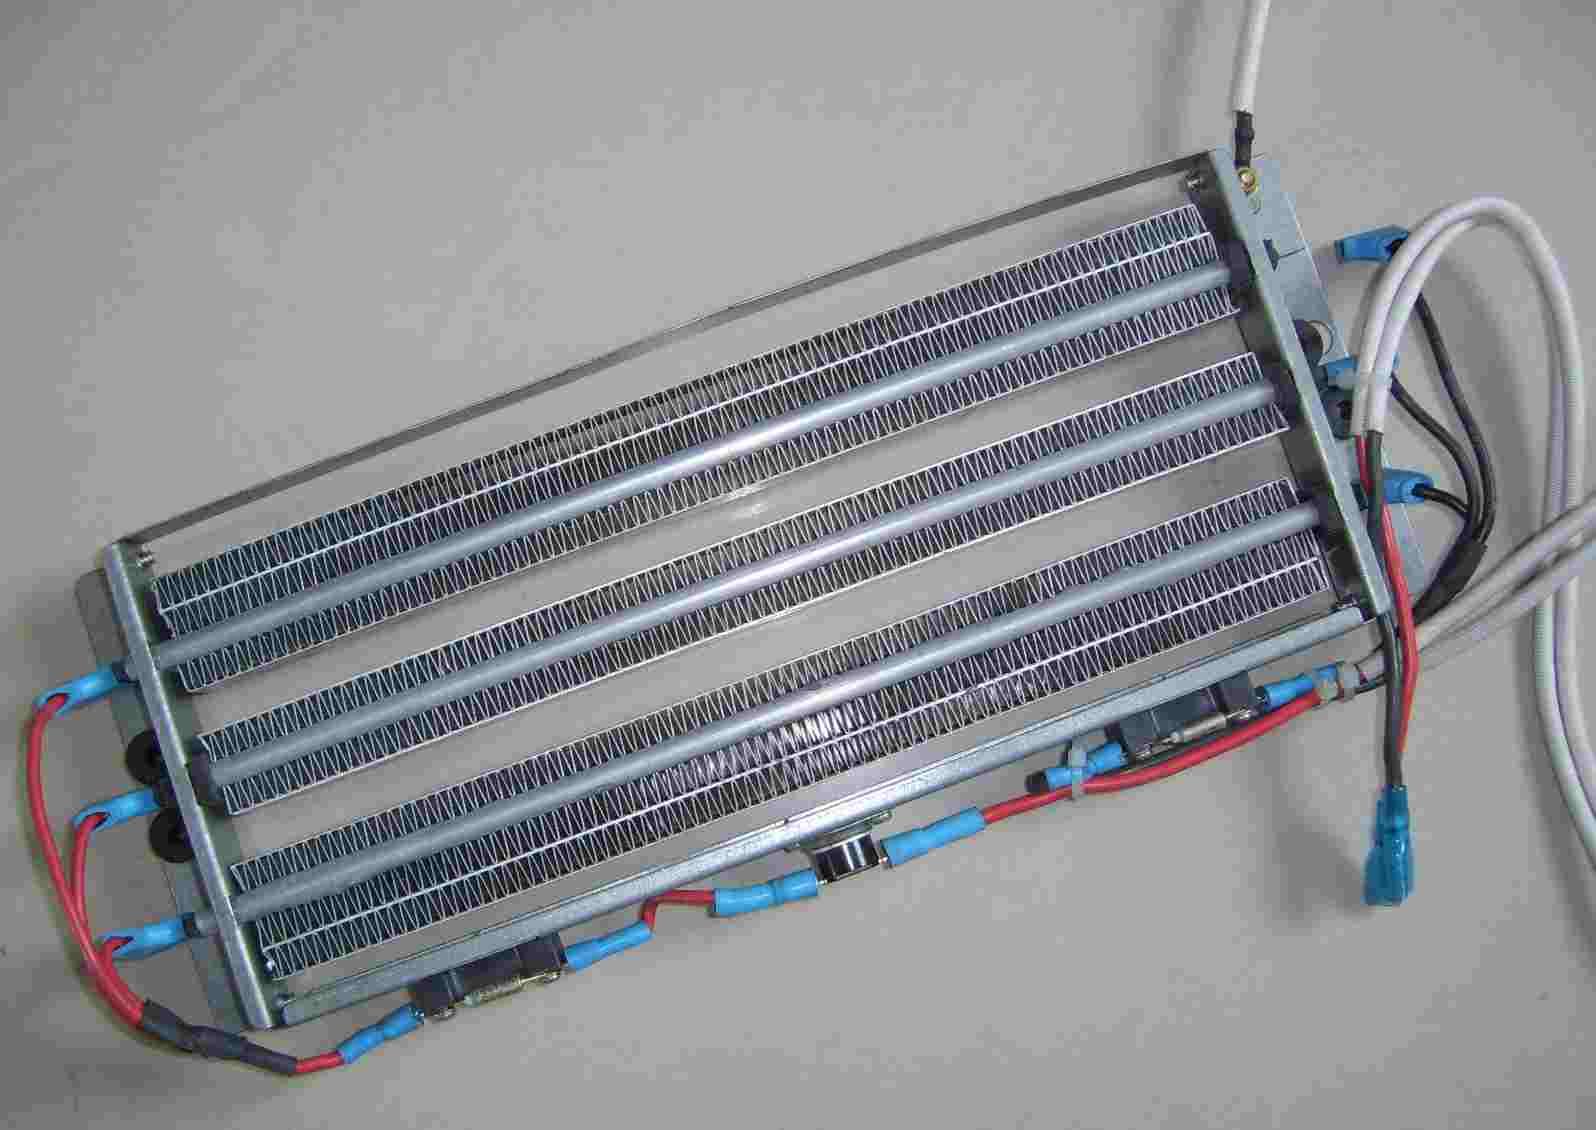 德州金亚生产工艺一流的串铝片加热器厂家,技术专业,售后完善